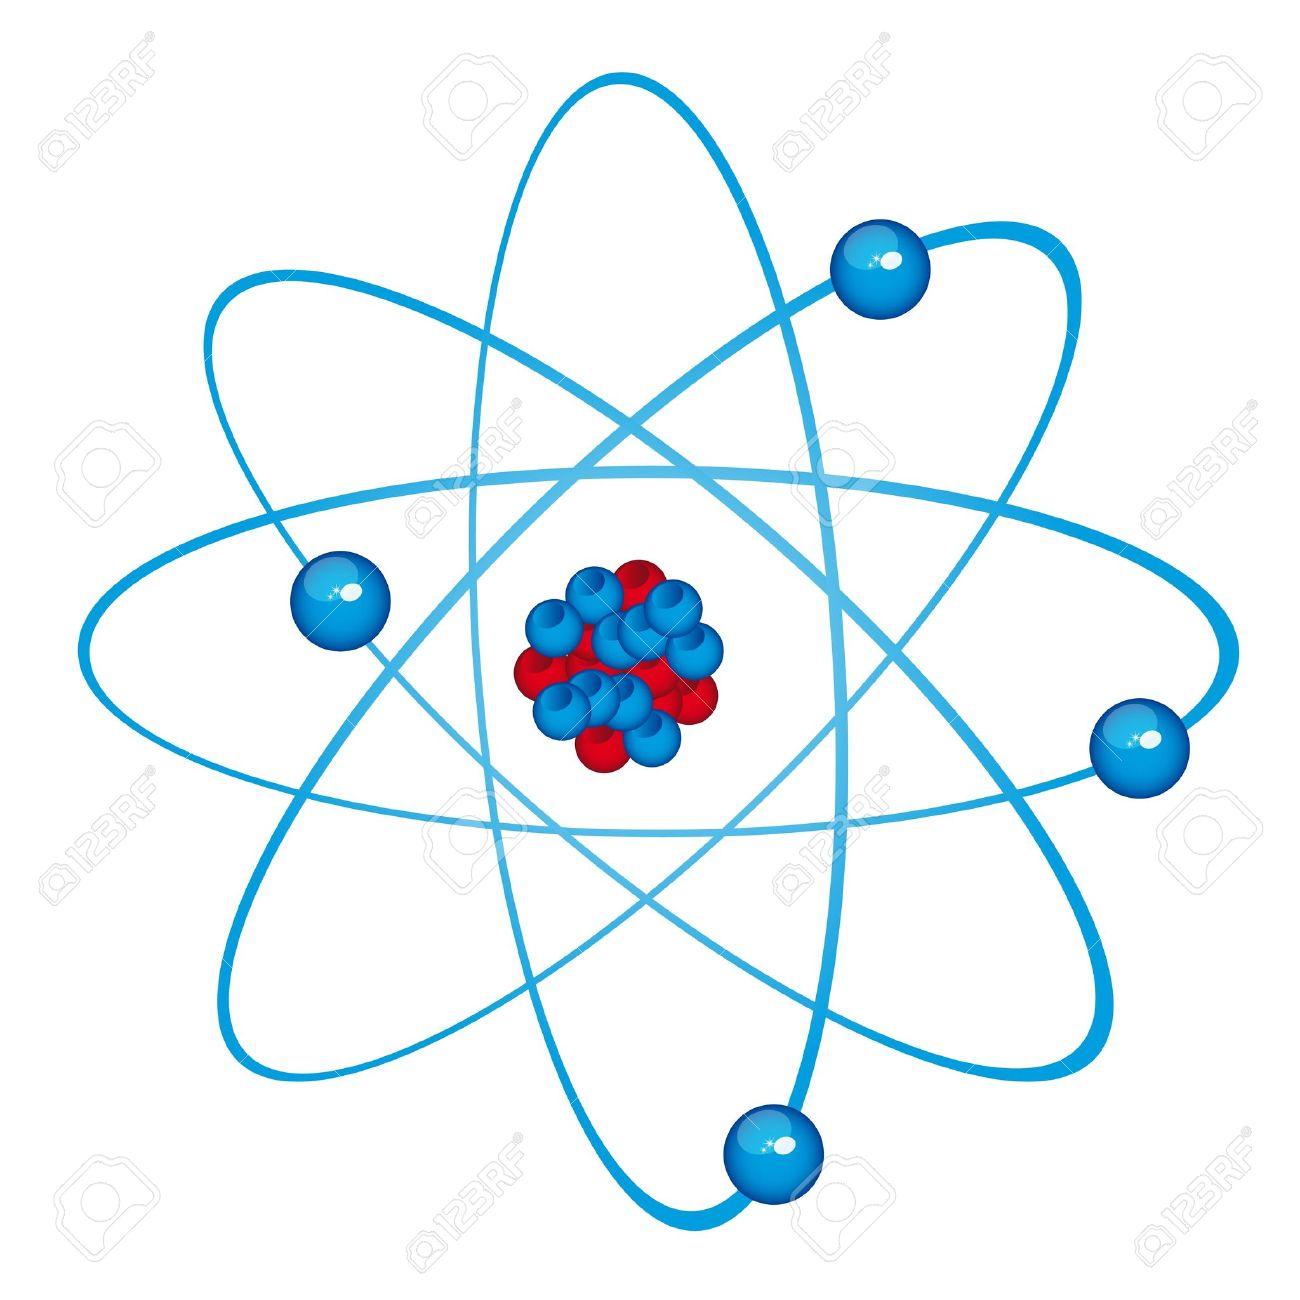 atom blue koni polycode co